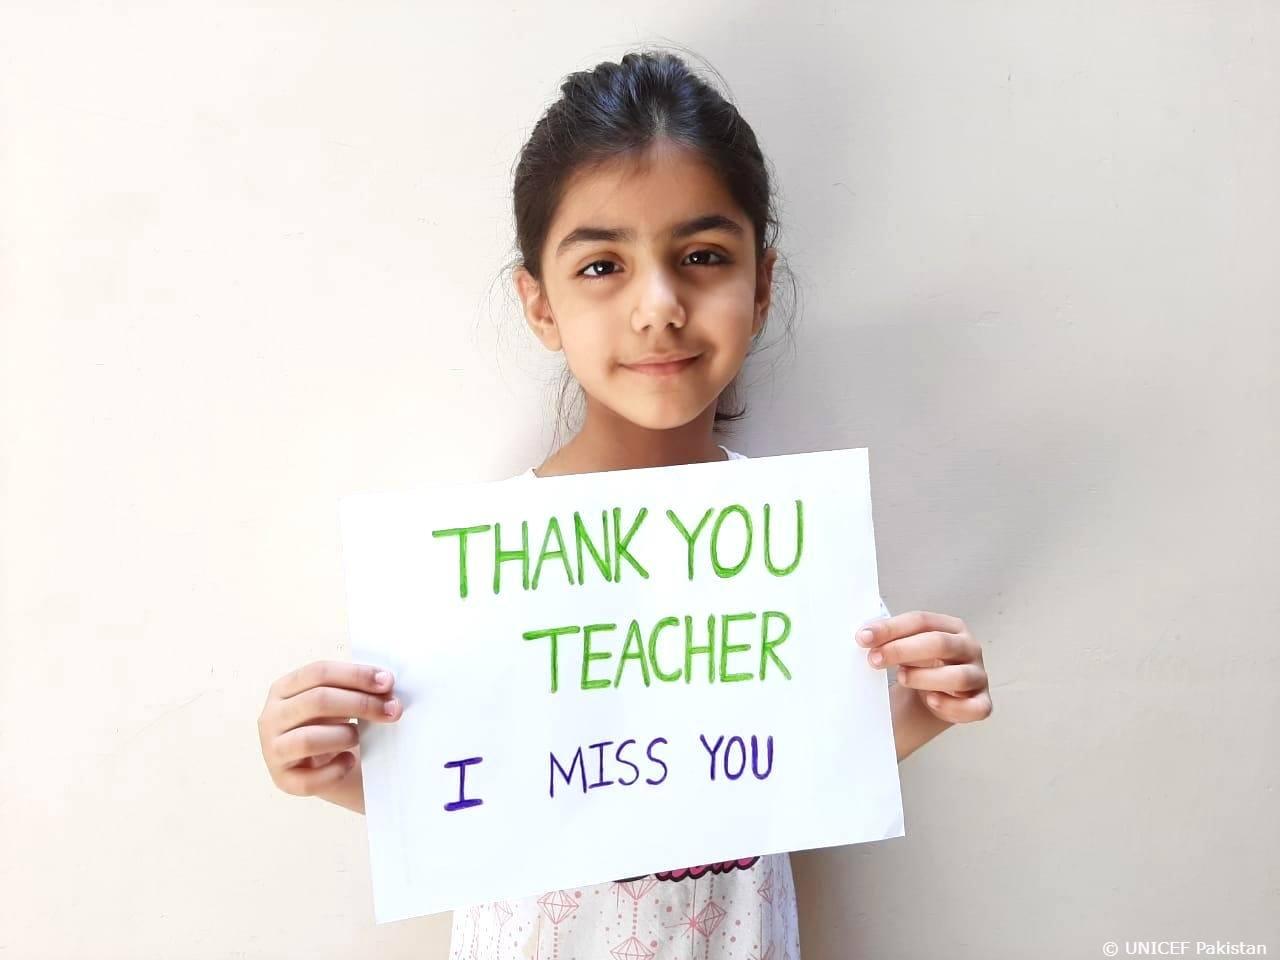 UNICEF campaign calls for appreciation of teachers amid COVID-19